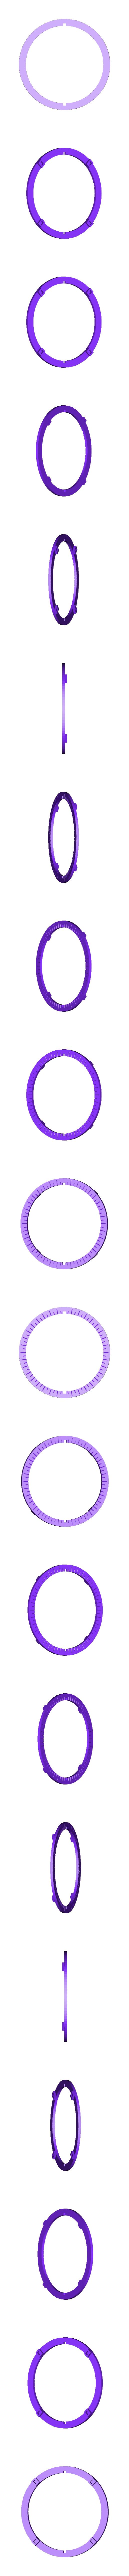 Horizon.stl Descargar archivo STL gratis Esfera Armiliar • Diseño para imprimir en 3D, Zippityboomba